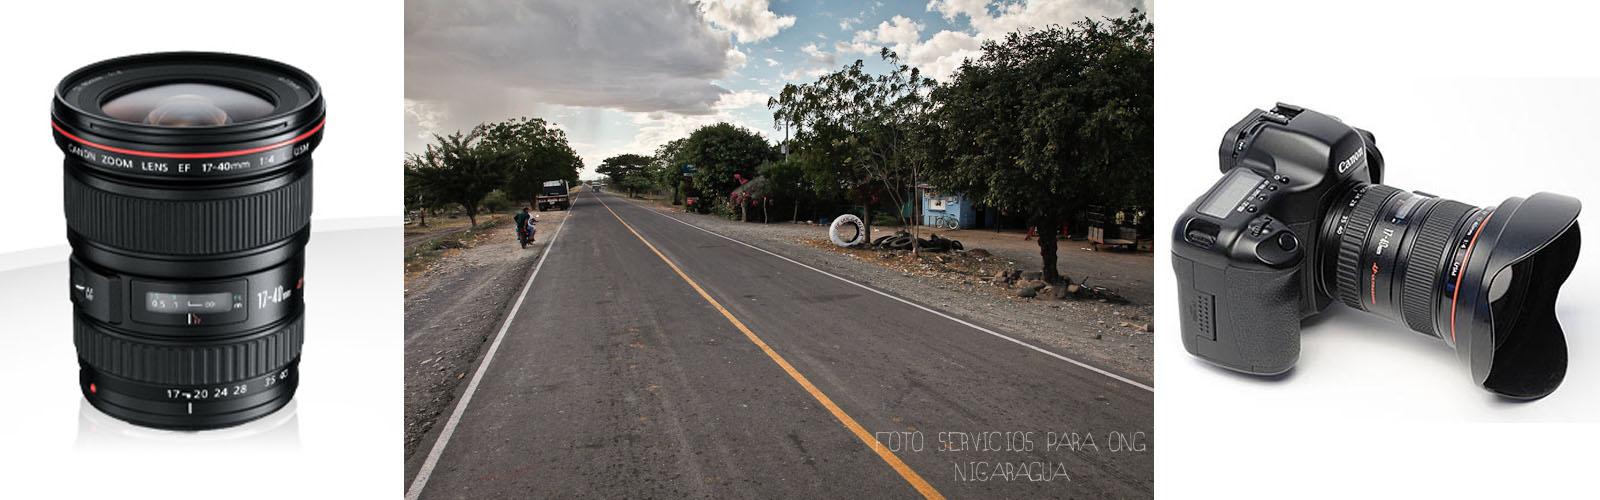 foto_servicios_integrado-managua